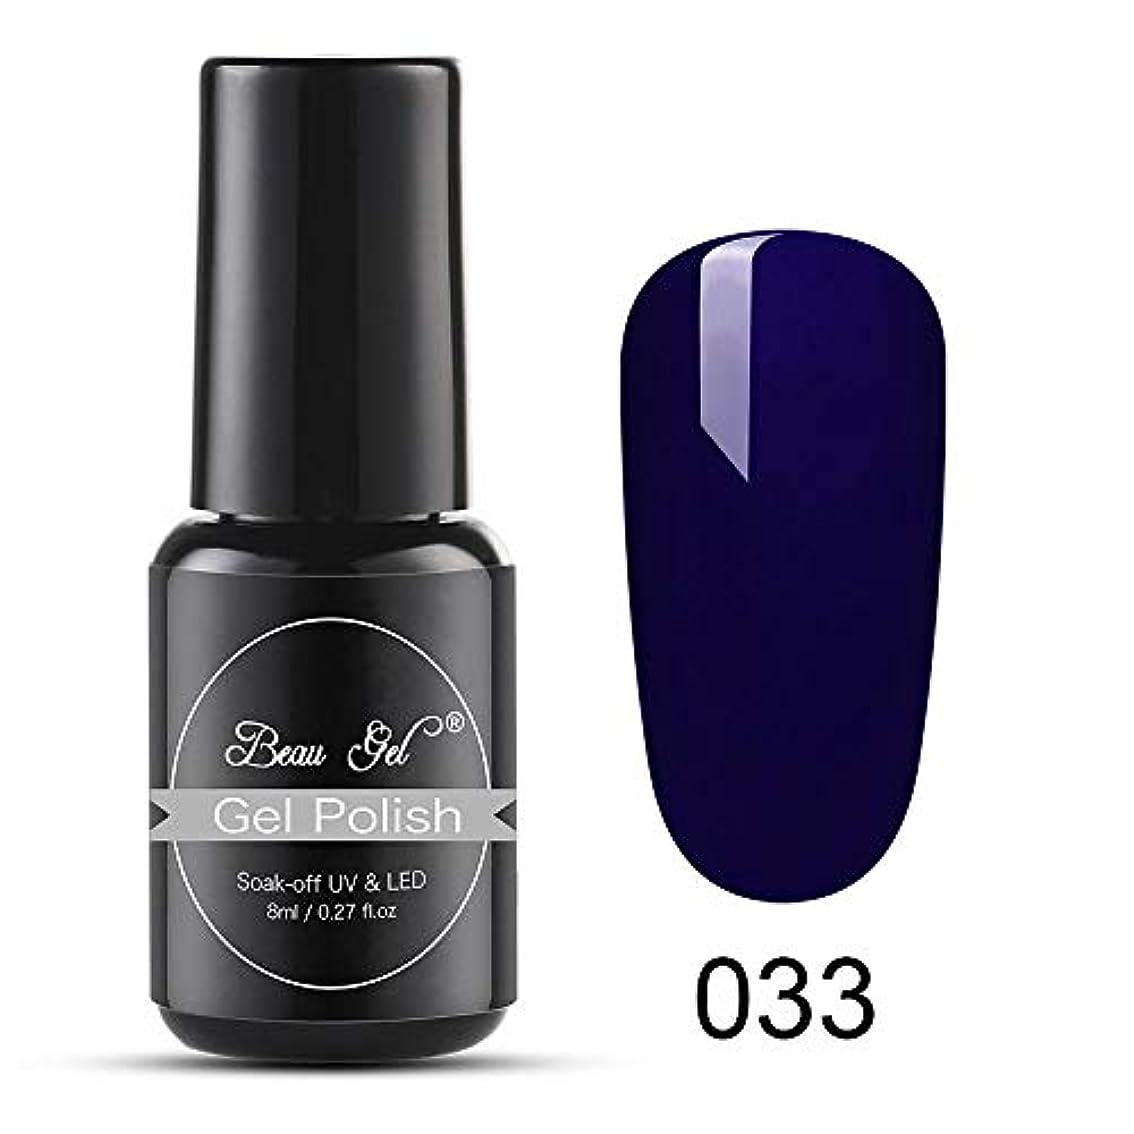 売上高売る一握りBeau gel ジェルネイル カラージェル 超長い蓋 塗りが便利 1色入り8ml-30033